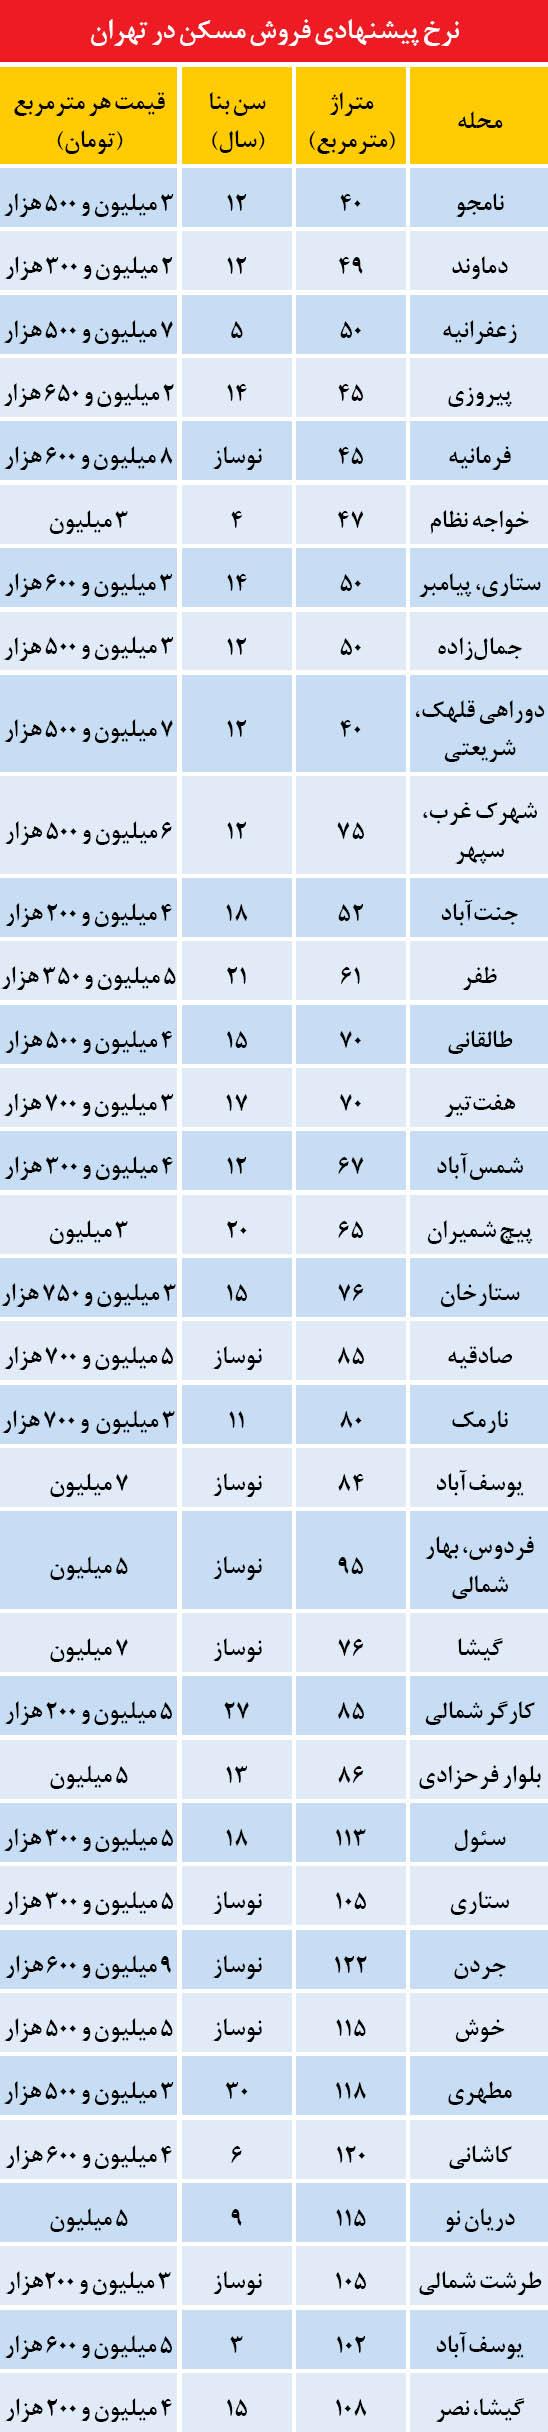 نرخ فروش مسکن در تهران (جدول)